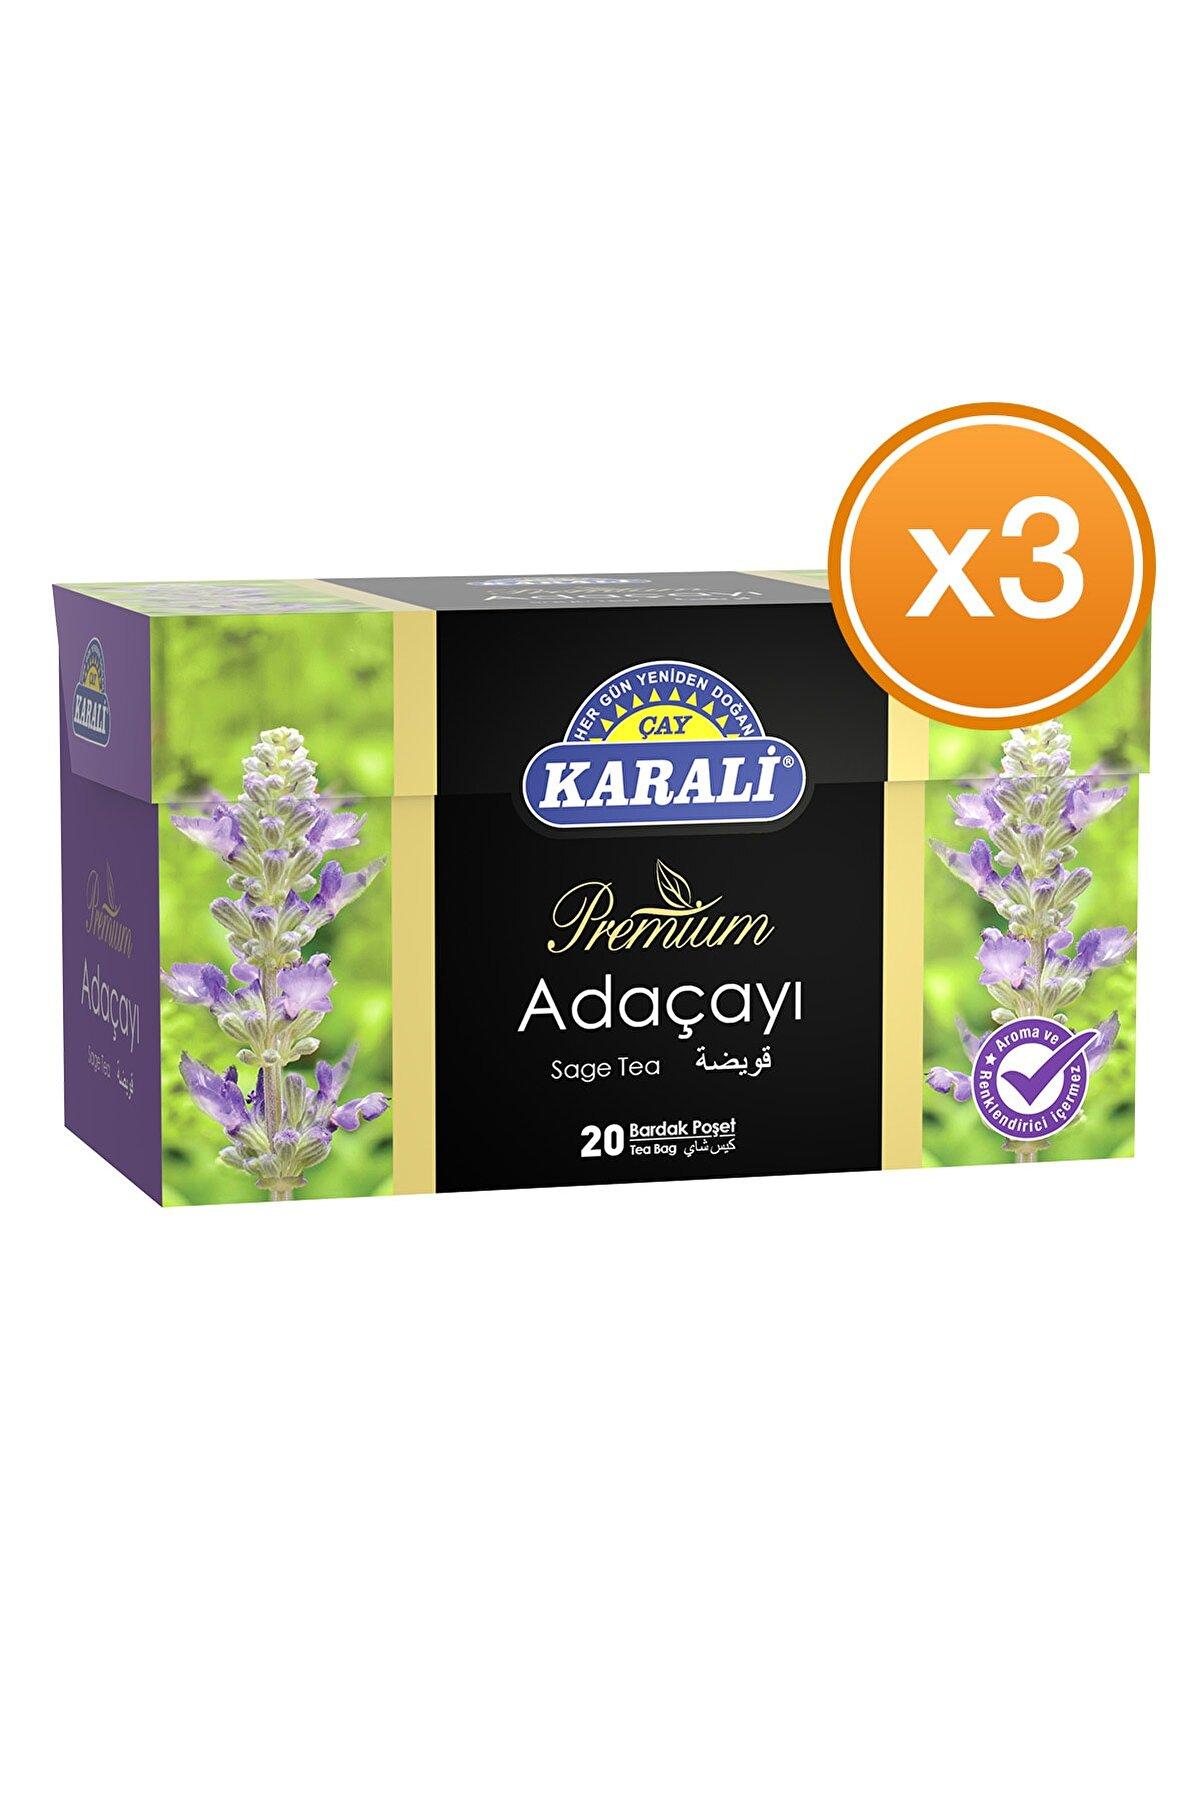 Karali Çay Karali Bardak Poşet Bitki Çayı Adaçayı 20'li X 3 Adet